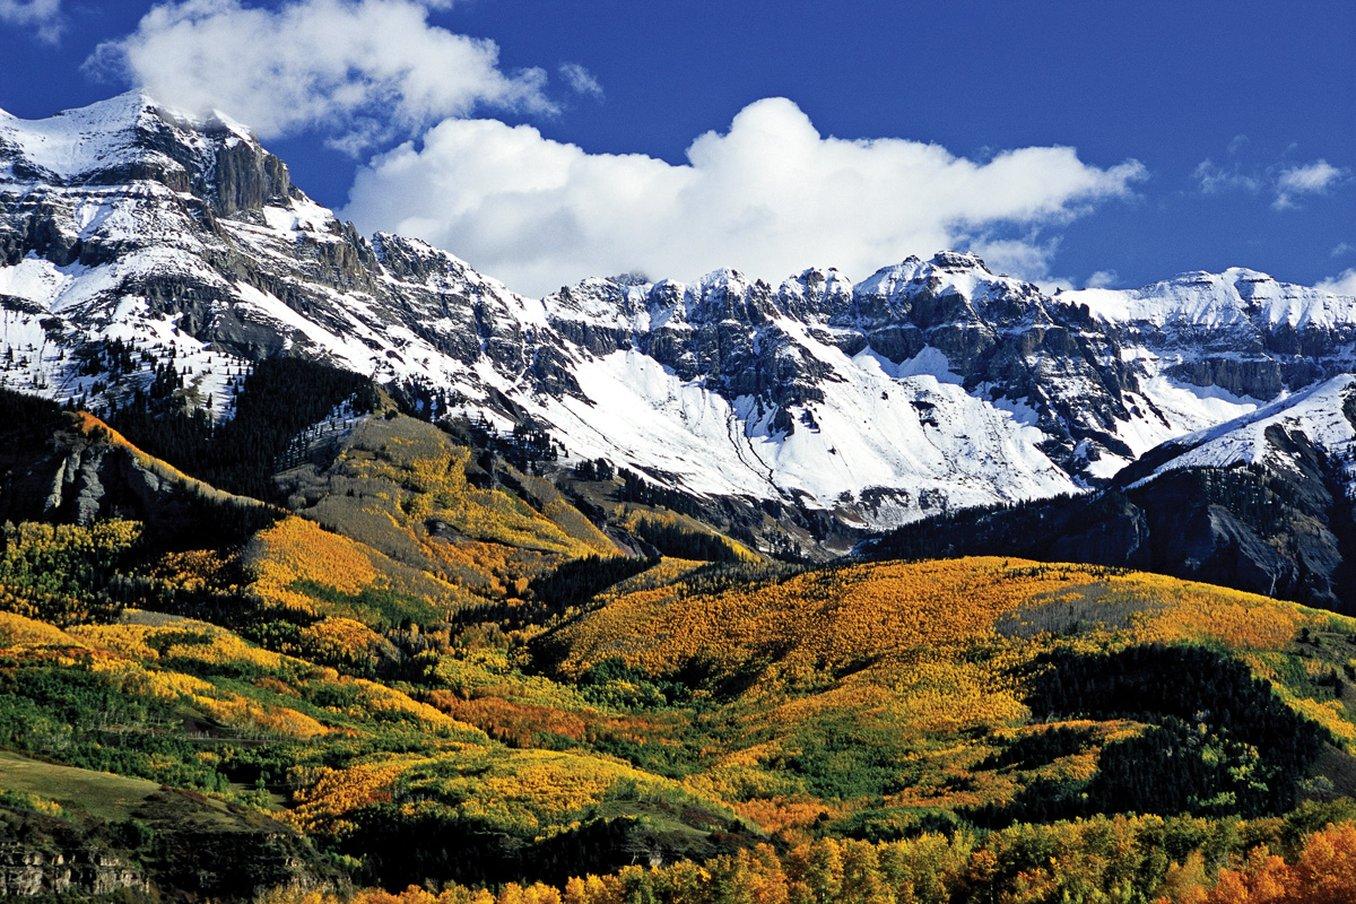 MLT_Telluride_Fall_Colors_w-Snow_lr_S.jpg